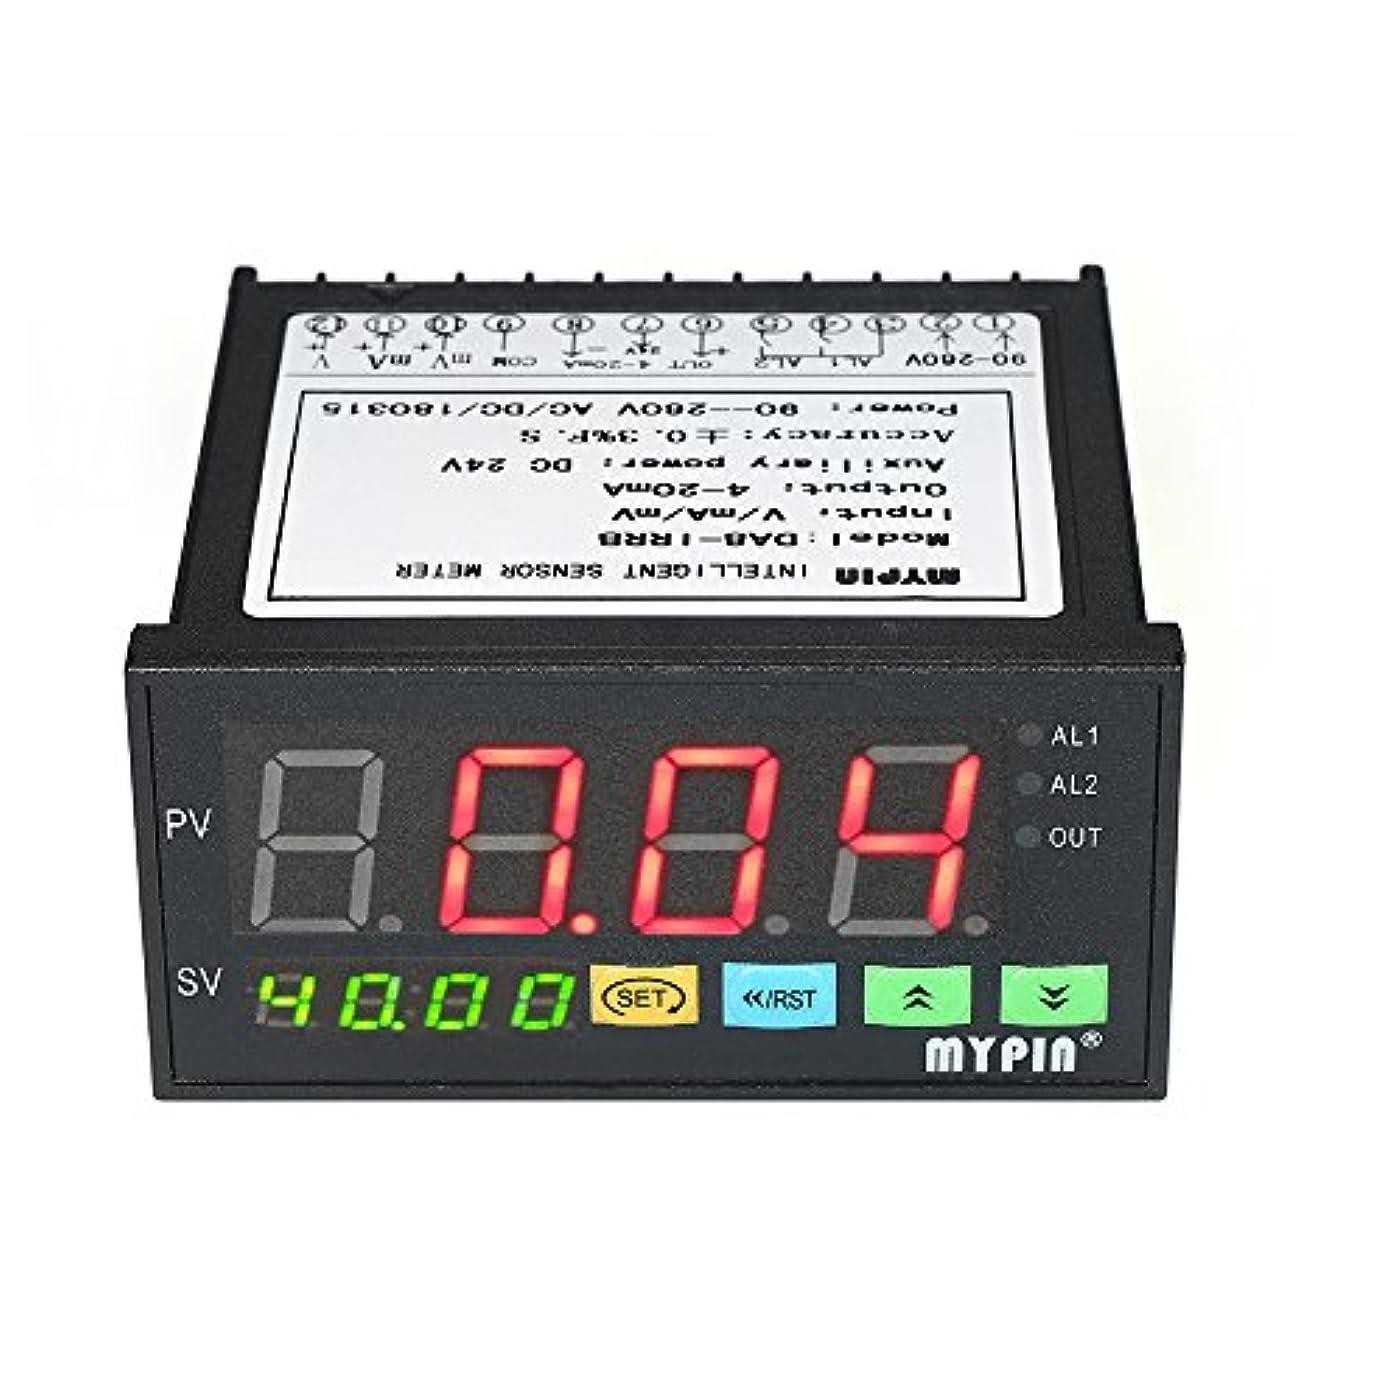 国際荷物赤外線Flytise 2つのリレーアラーム出力と0?10V / 4?20mA / 0?75mV入力の多機能デジタルLEDディスプレイセンサーメーター